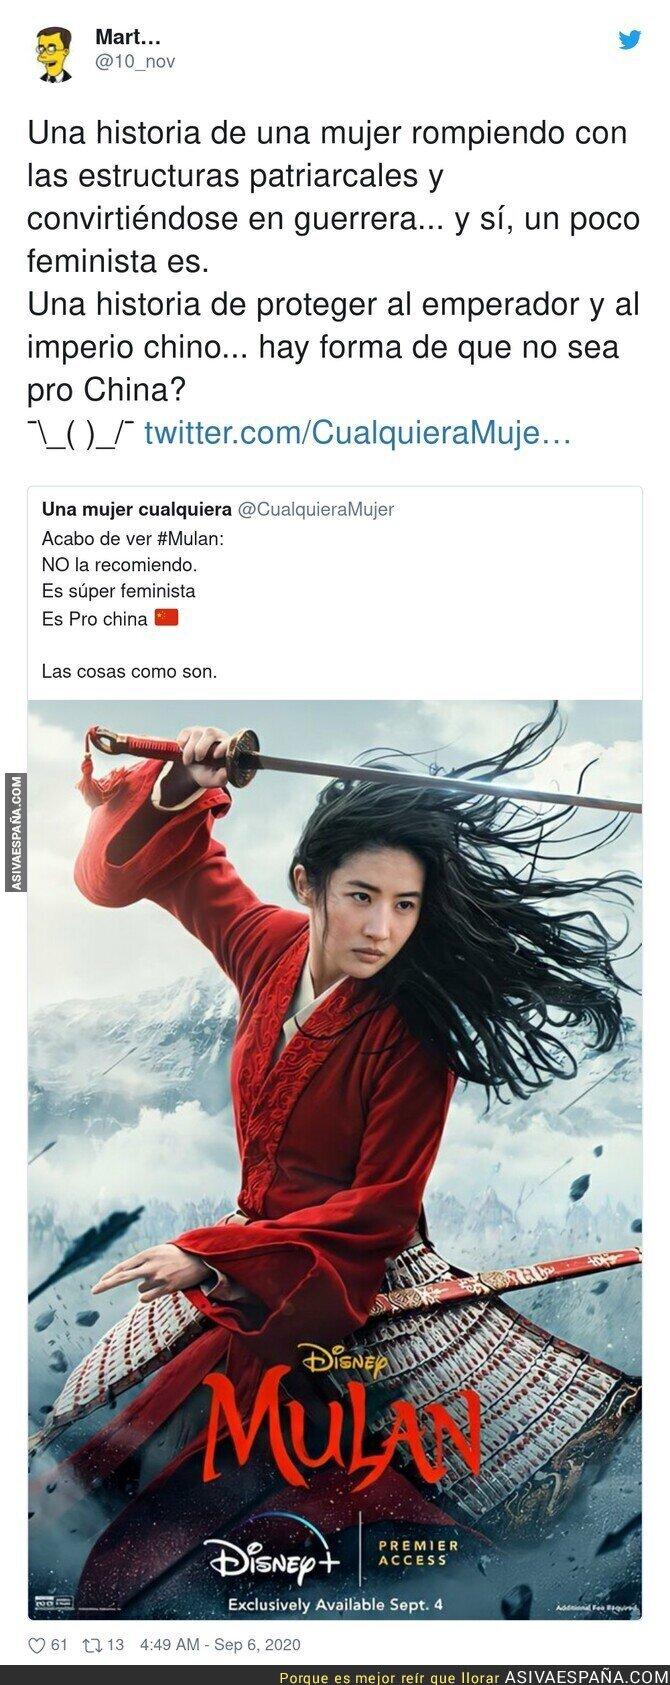 356913 - Quejas porque Mulán de Disney+ es pro China y demasiado feminista